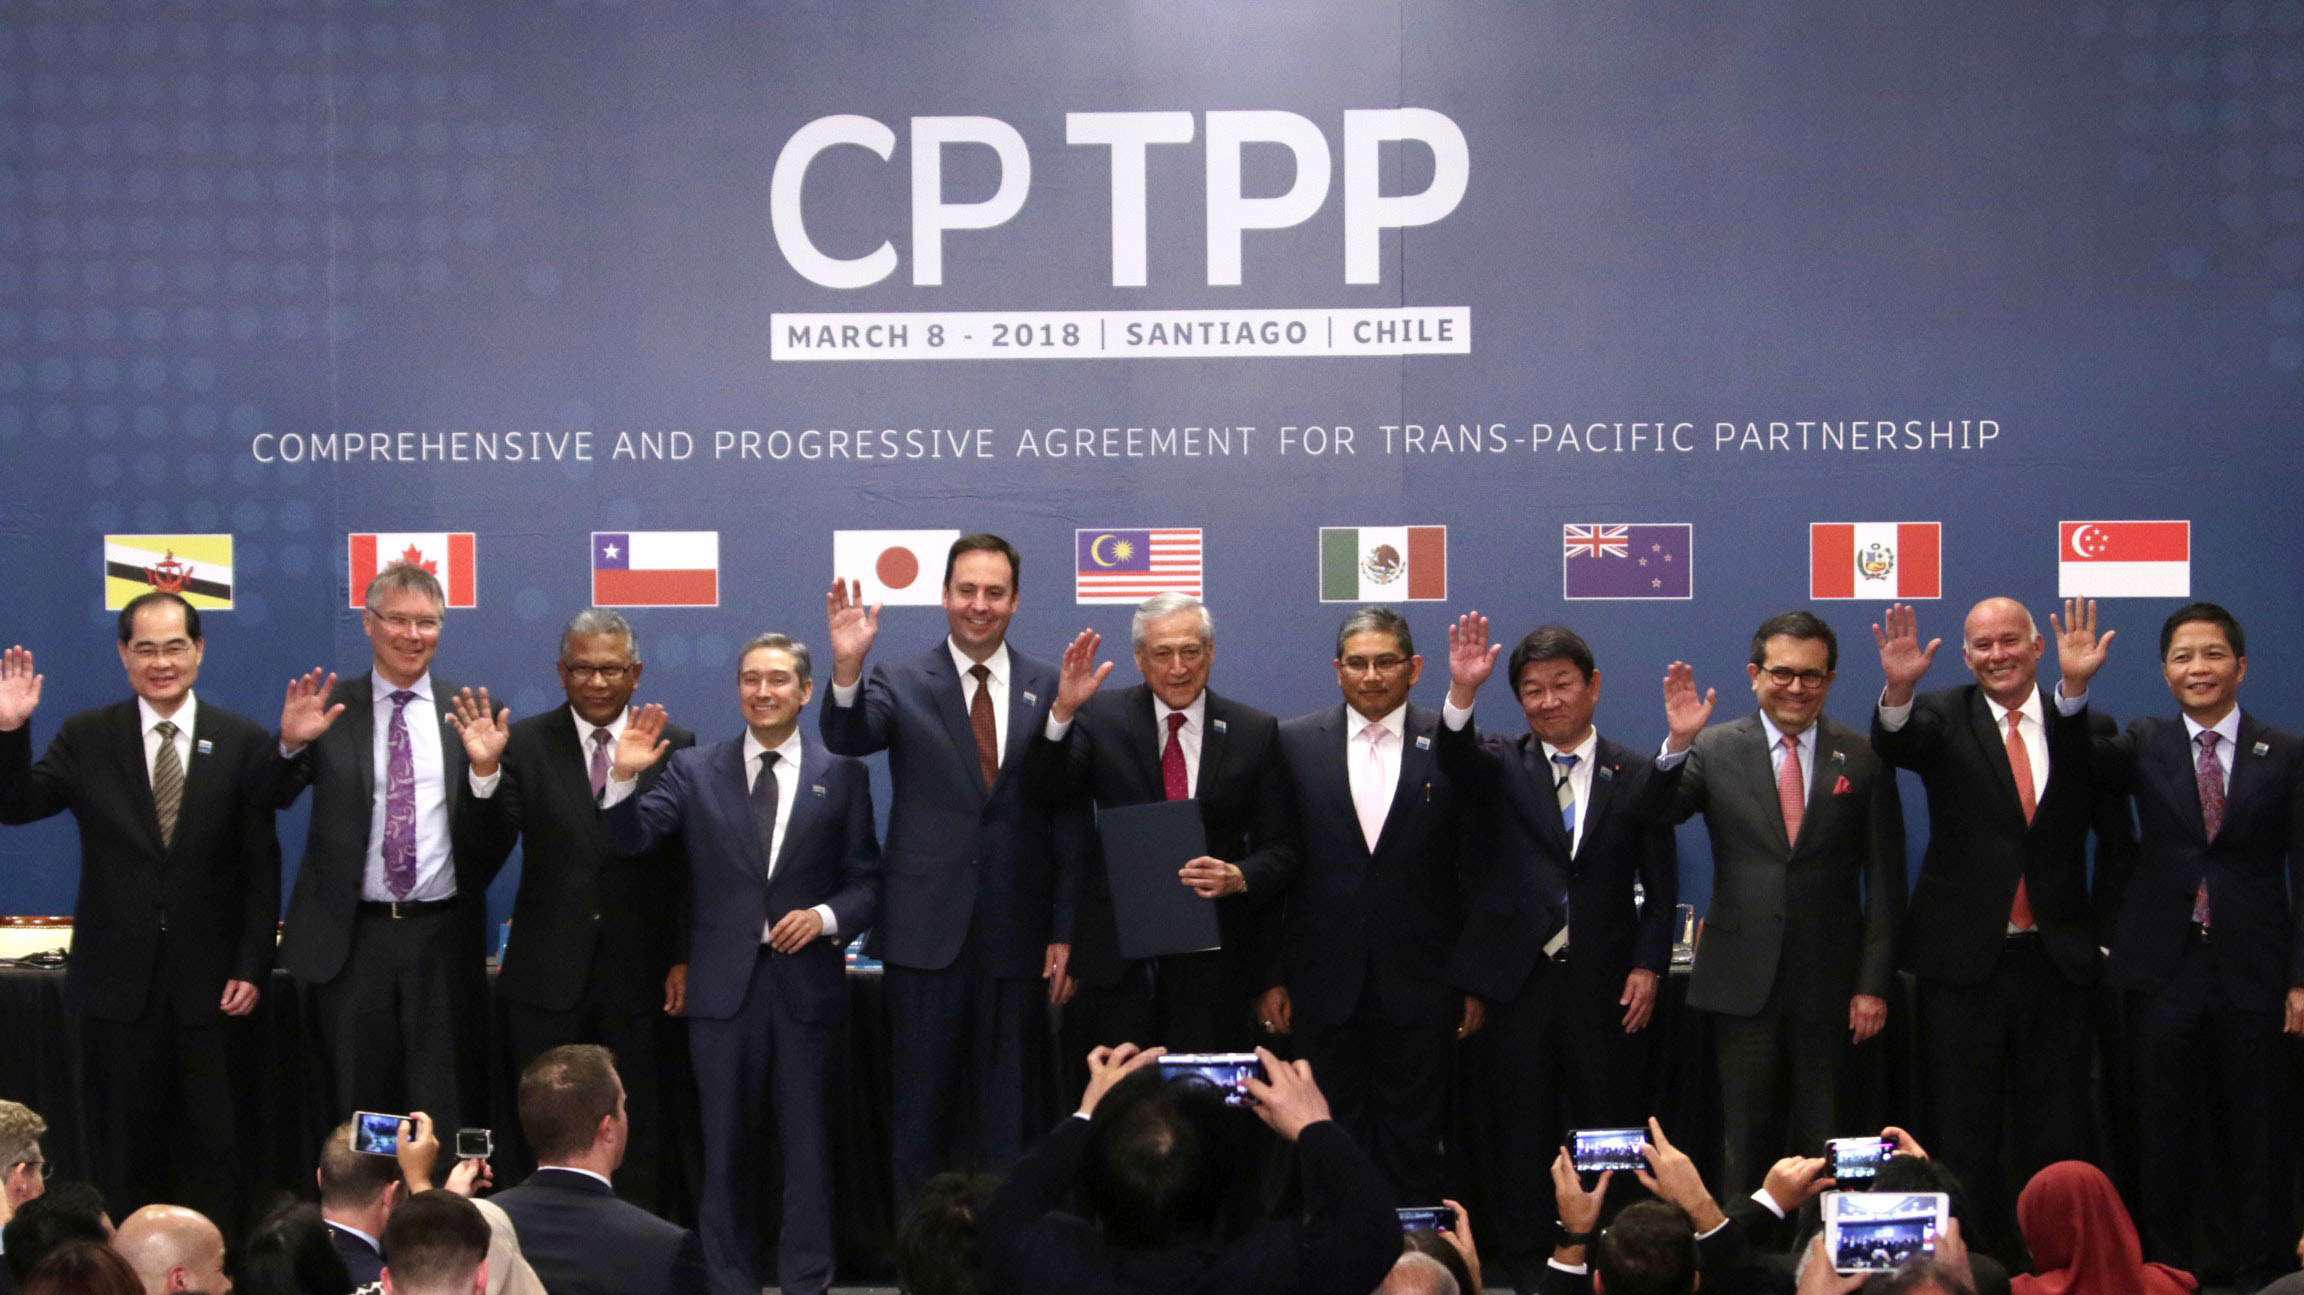 Qué es el TPP: El acuerdo transpacífico que fue aprobado por la Cámara de Diputados